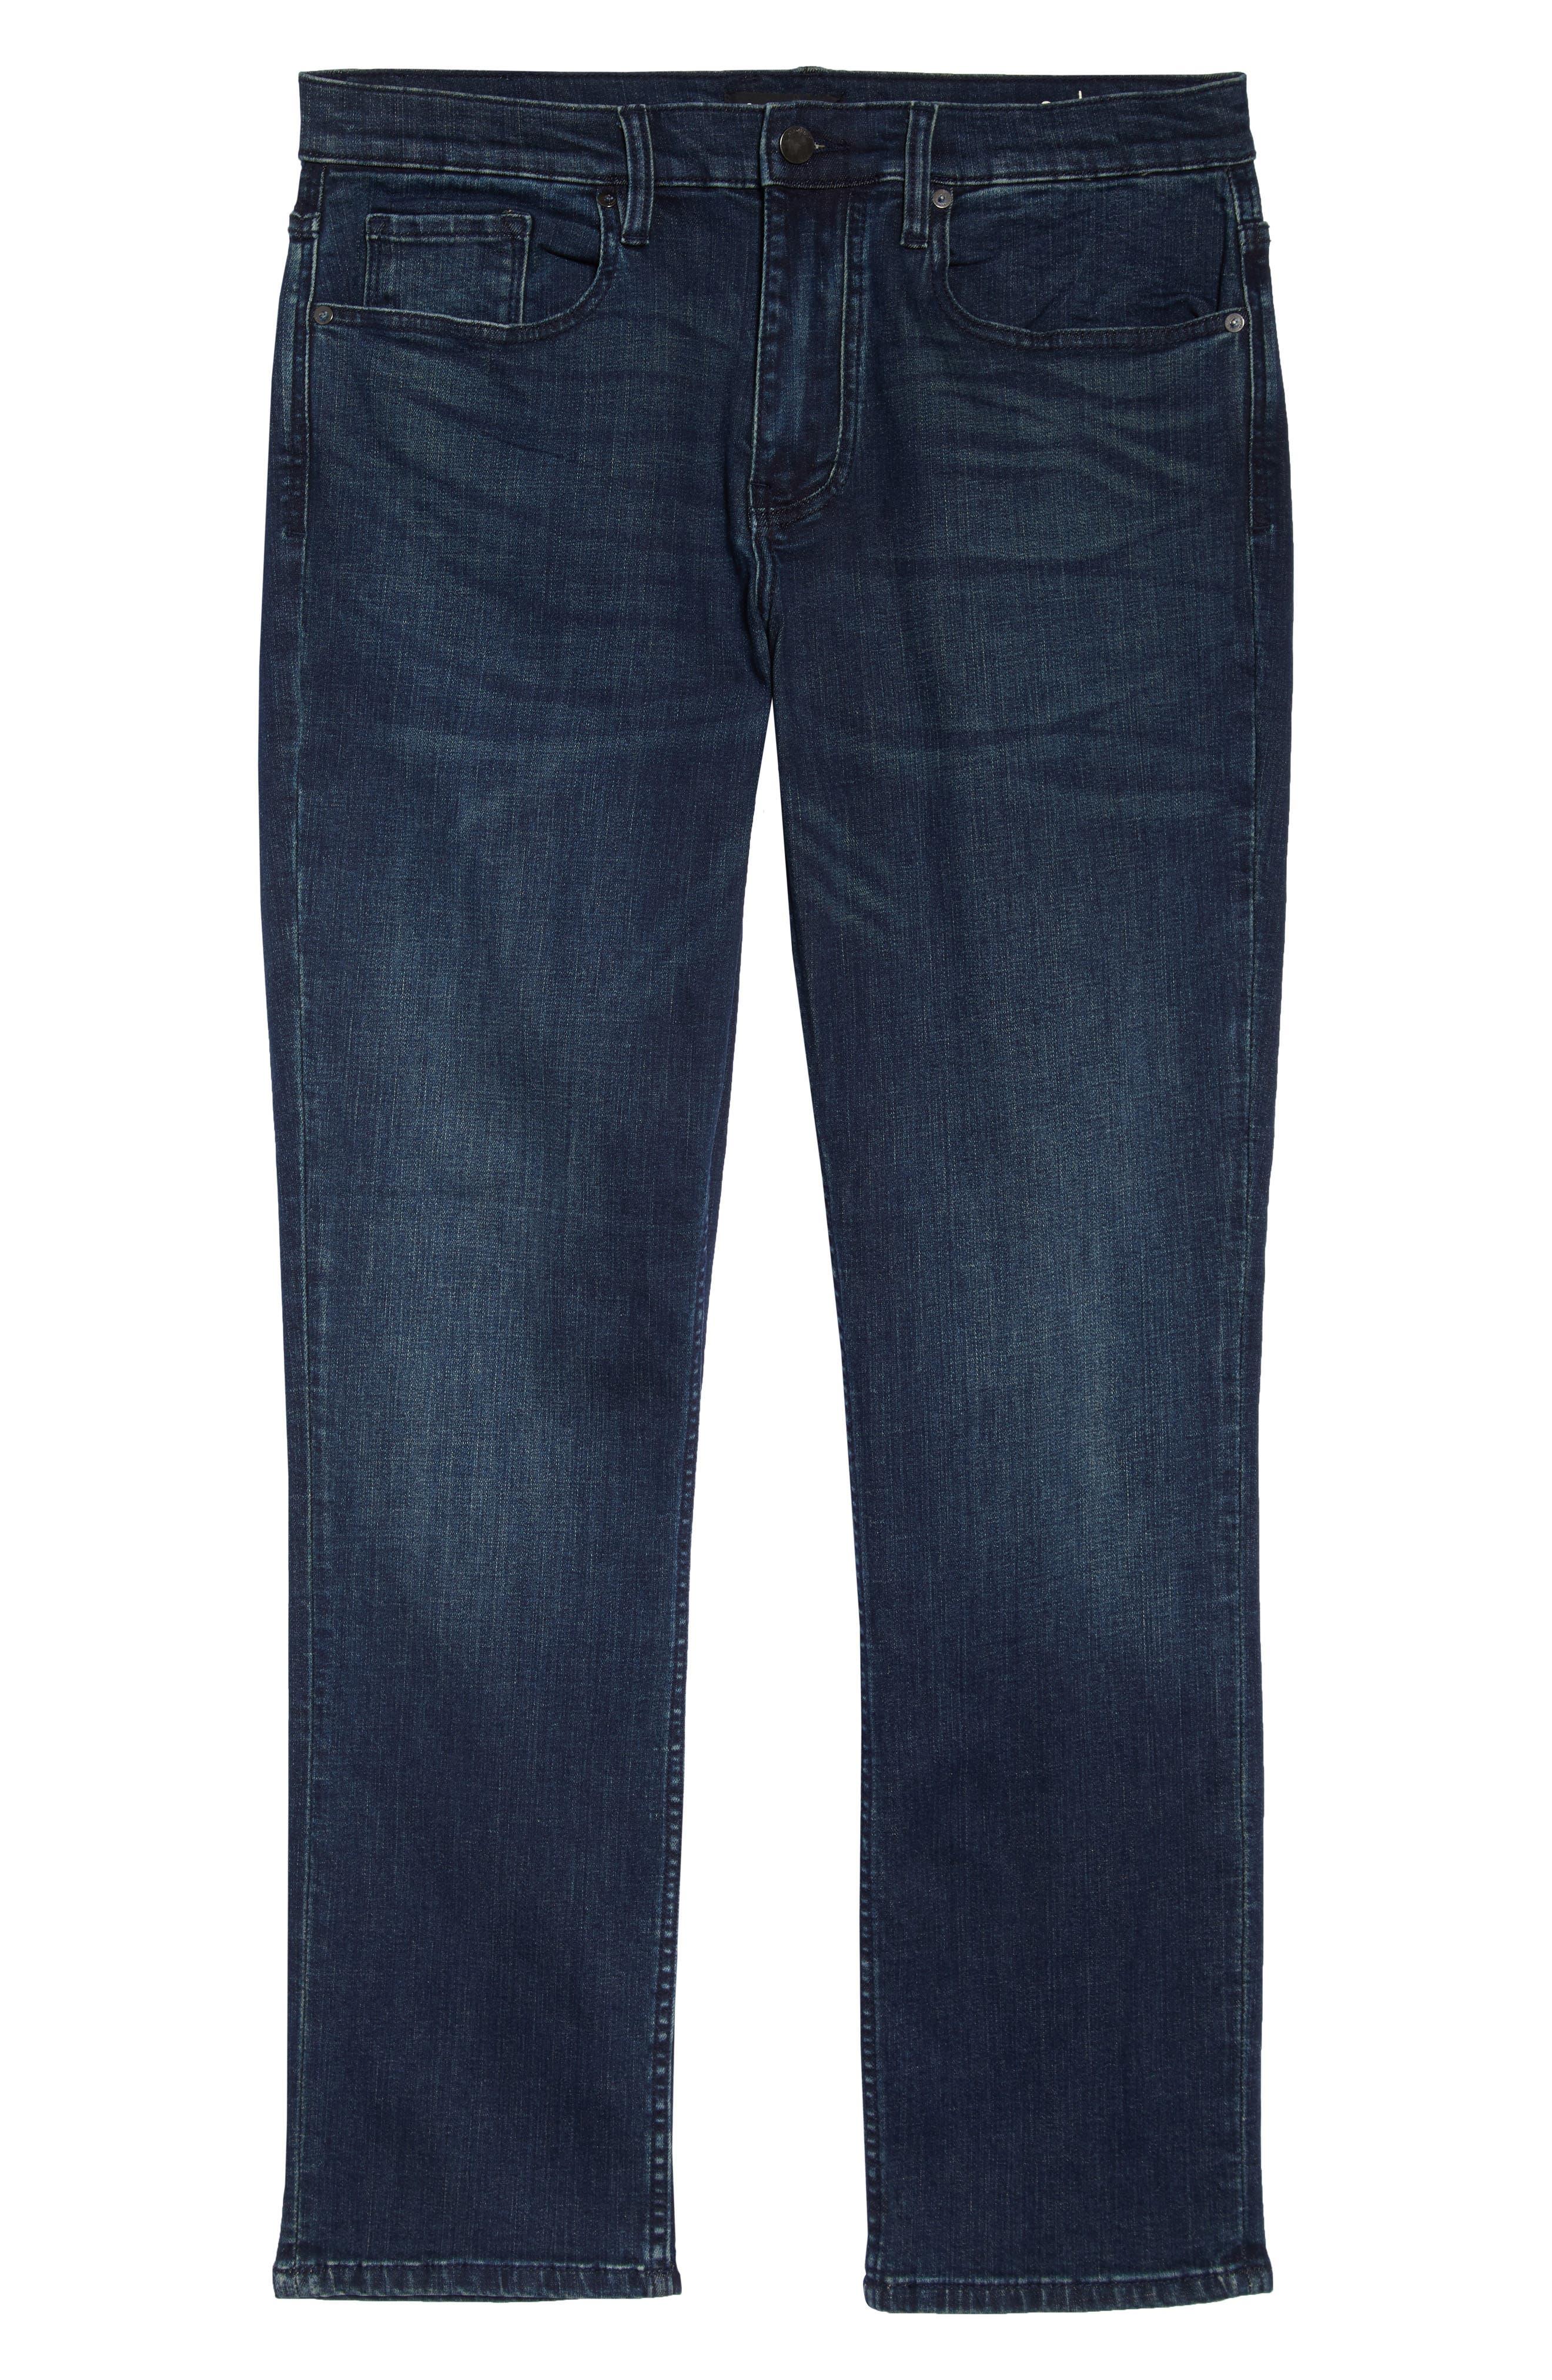 Stanton Straight Leg Jeans,                             Alternate thumbnail 6, color,                             WORTHLESS TENDENCY